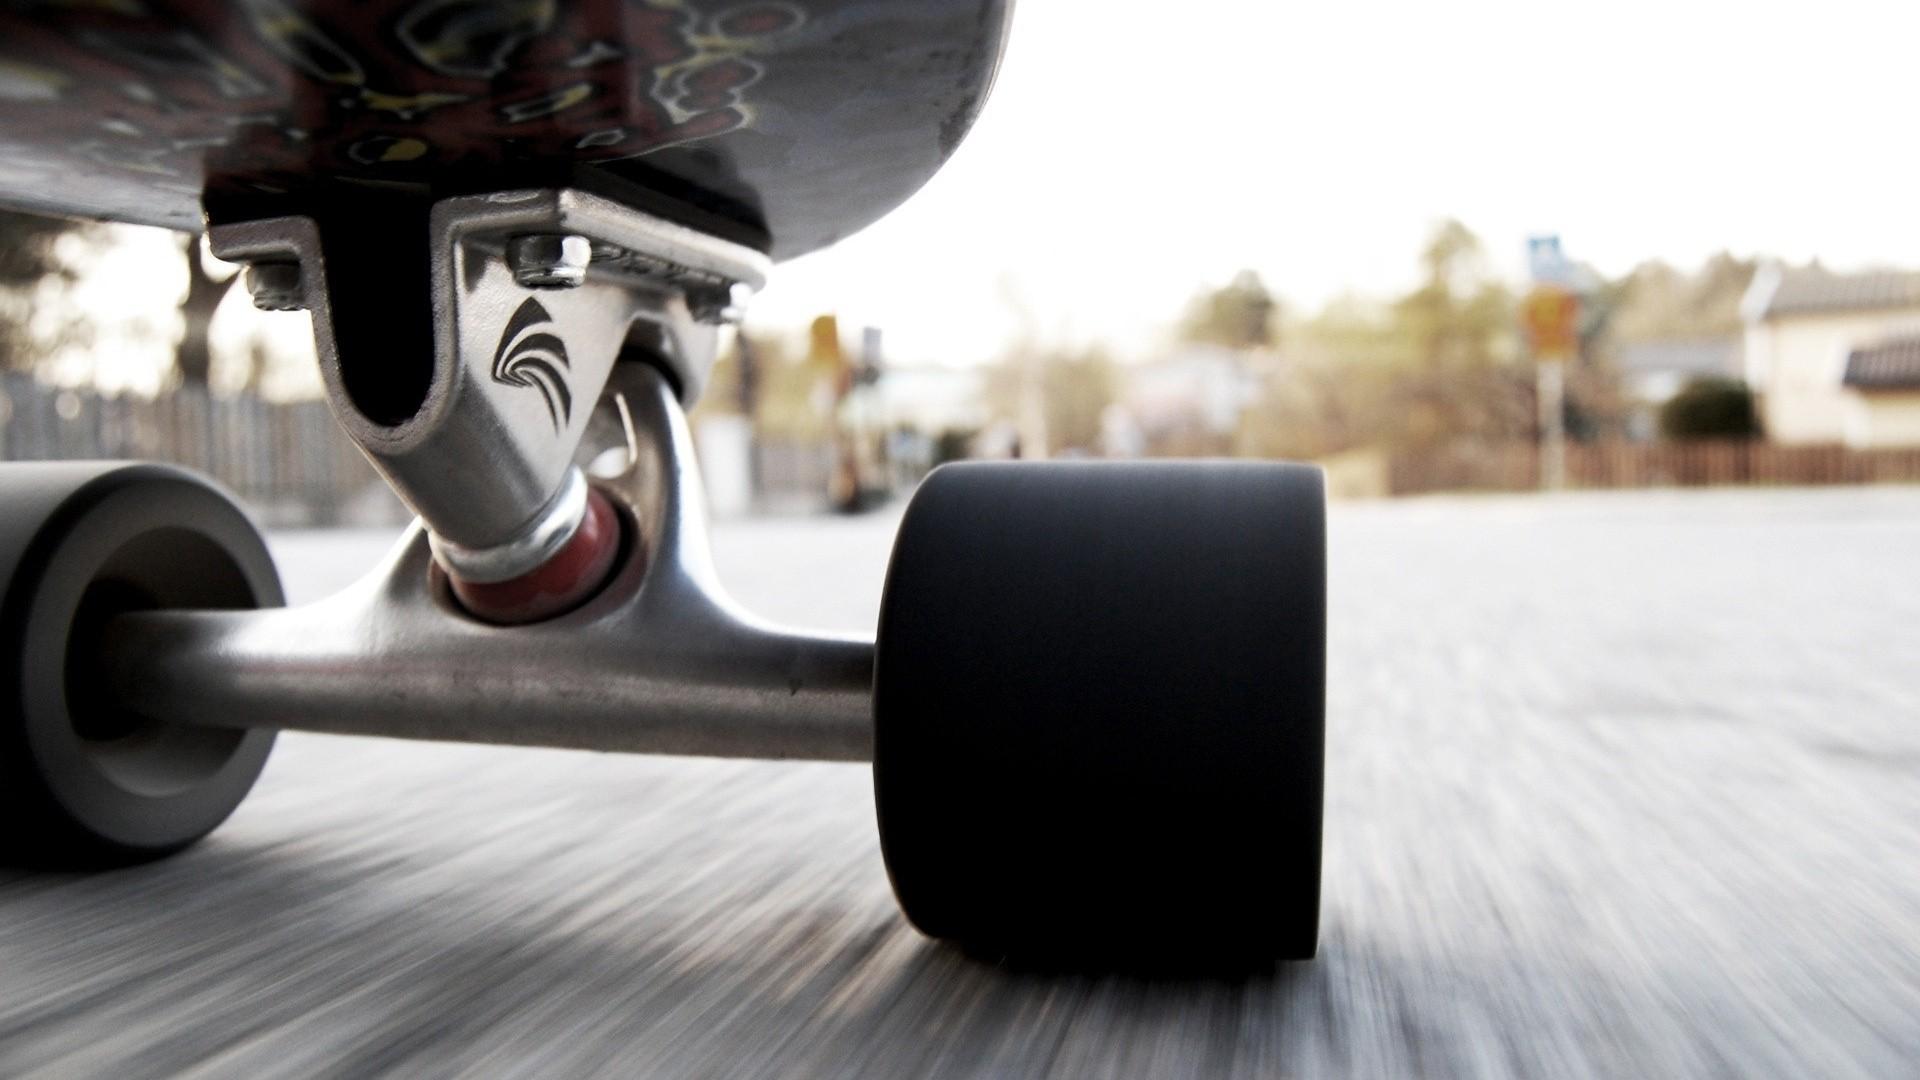 Skateboard Download Wallpaper